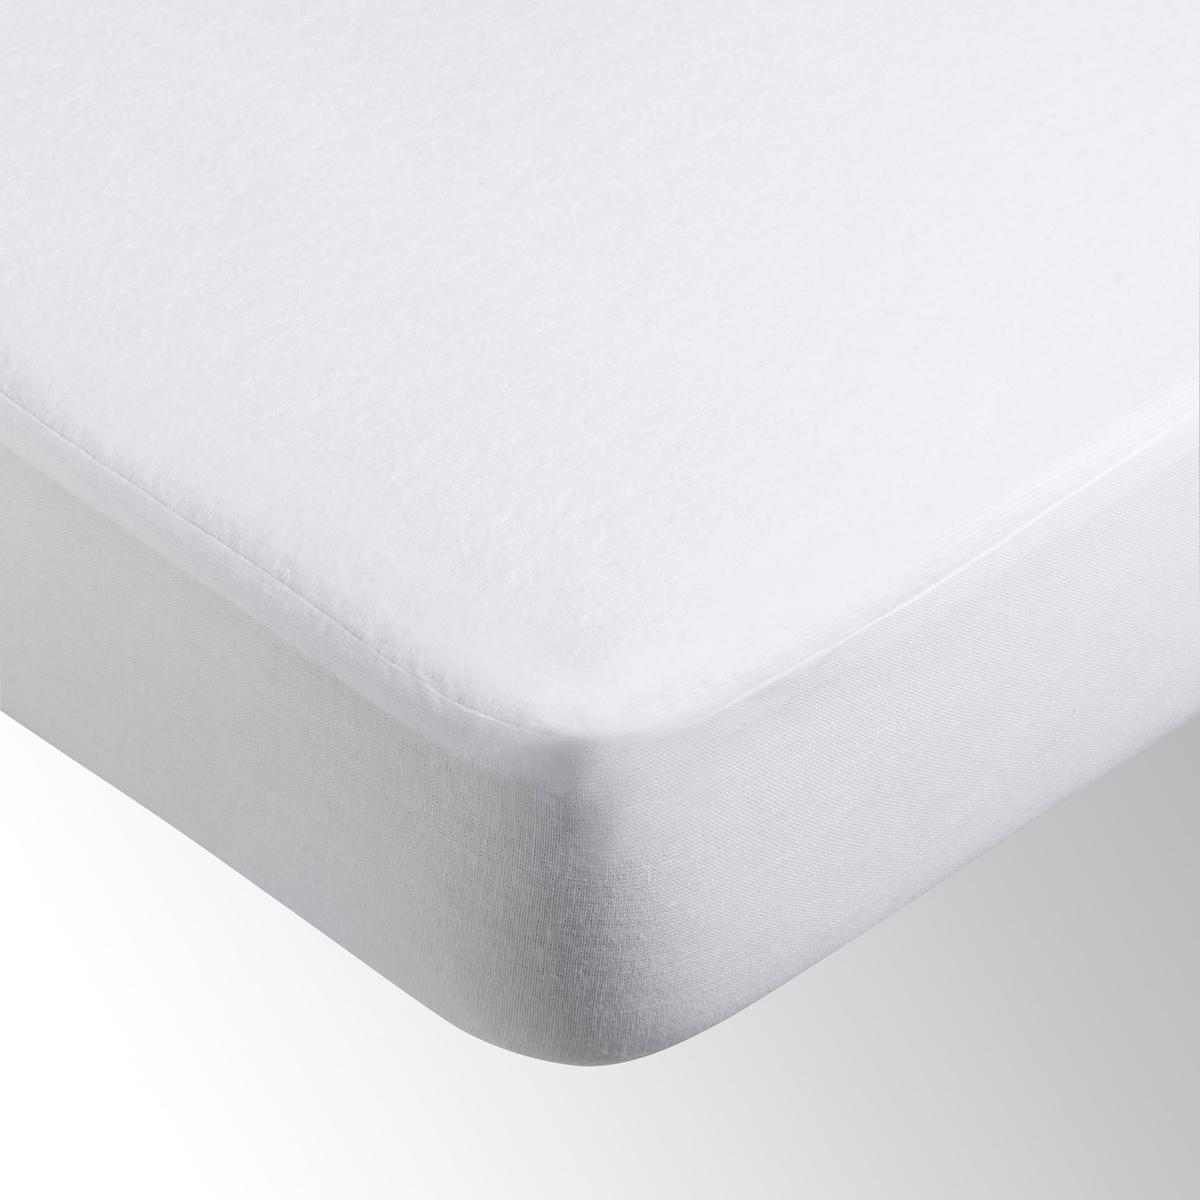 Чехол защитный для матраса натяжной непромокаемый ультра-дышащий чехол защитный для матраса двухсторонний из махрового мольтона непромокаемый и дышащий в форме простыни